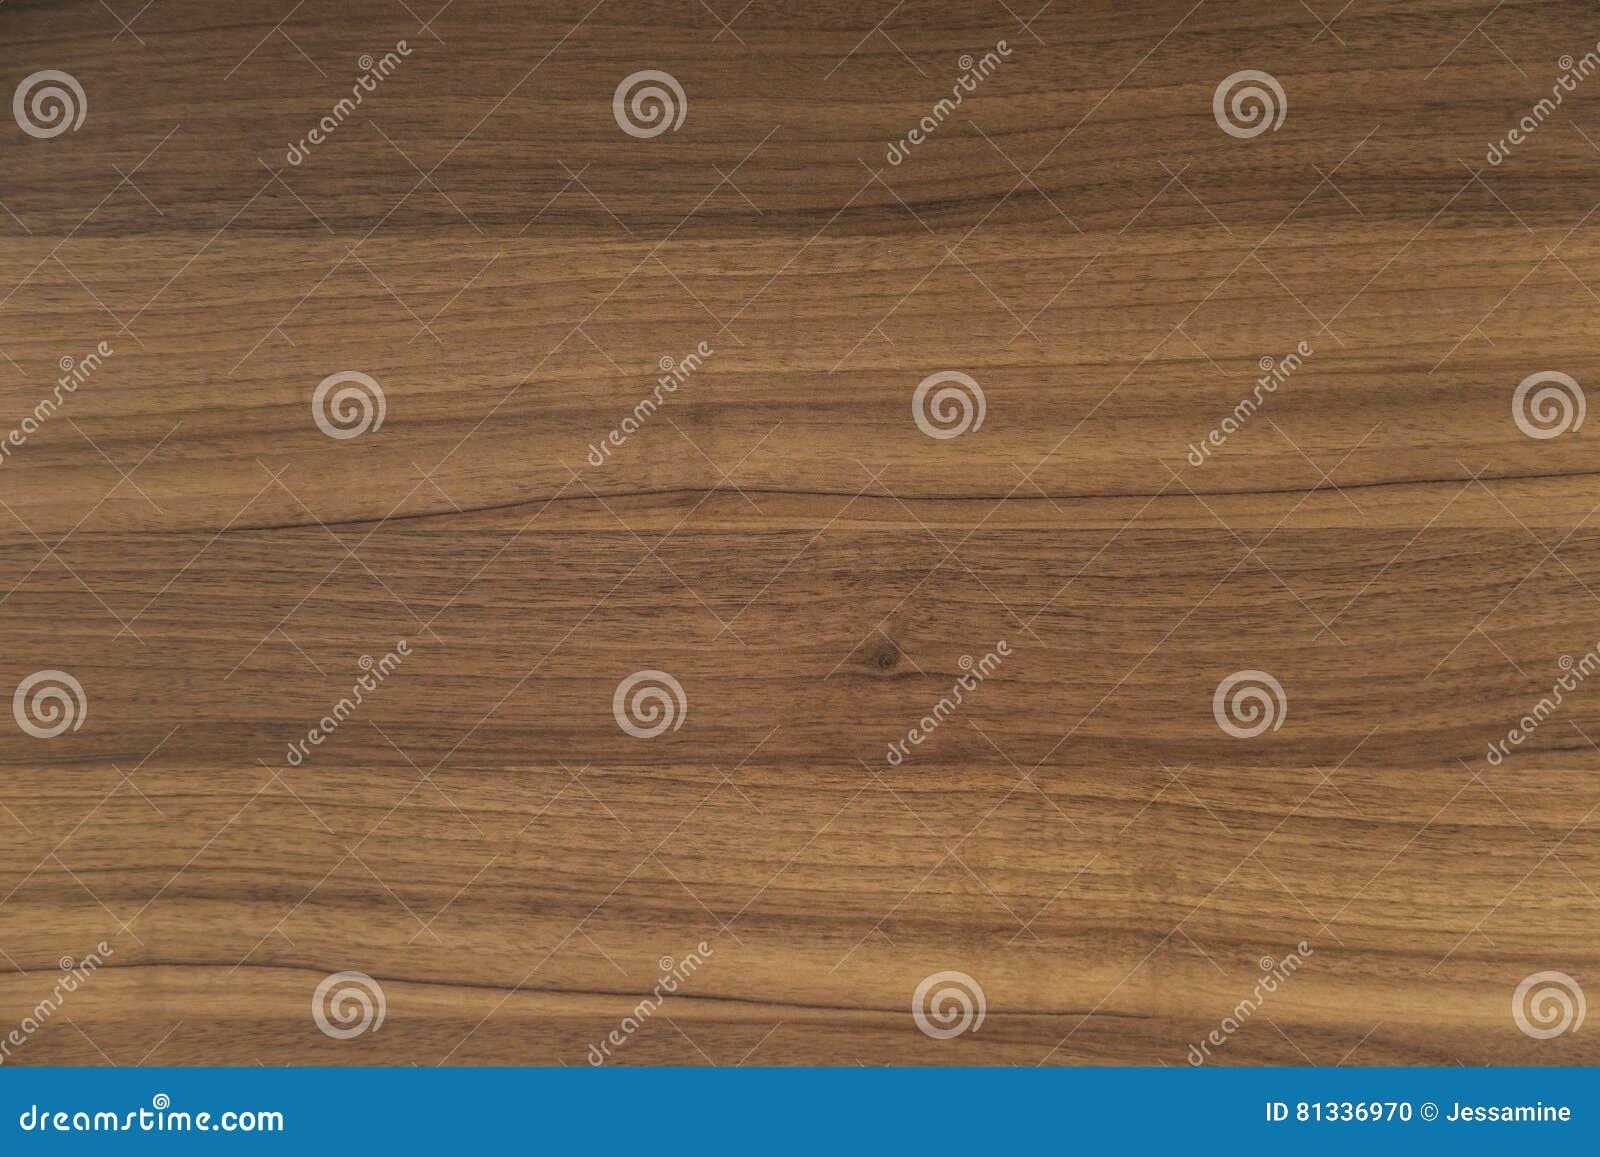 Текстура грецкого ореха